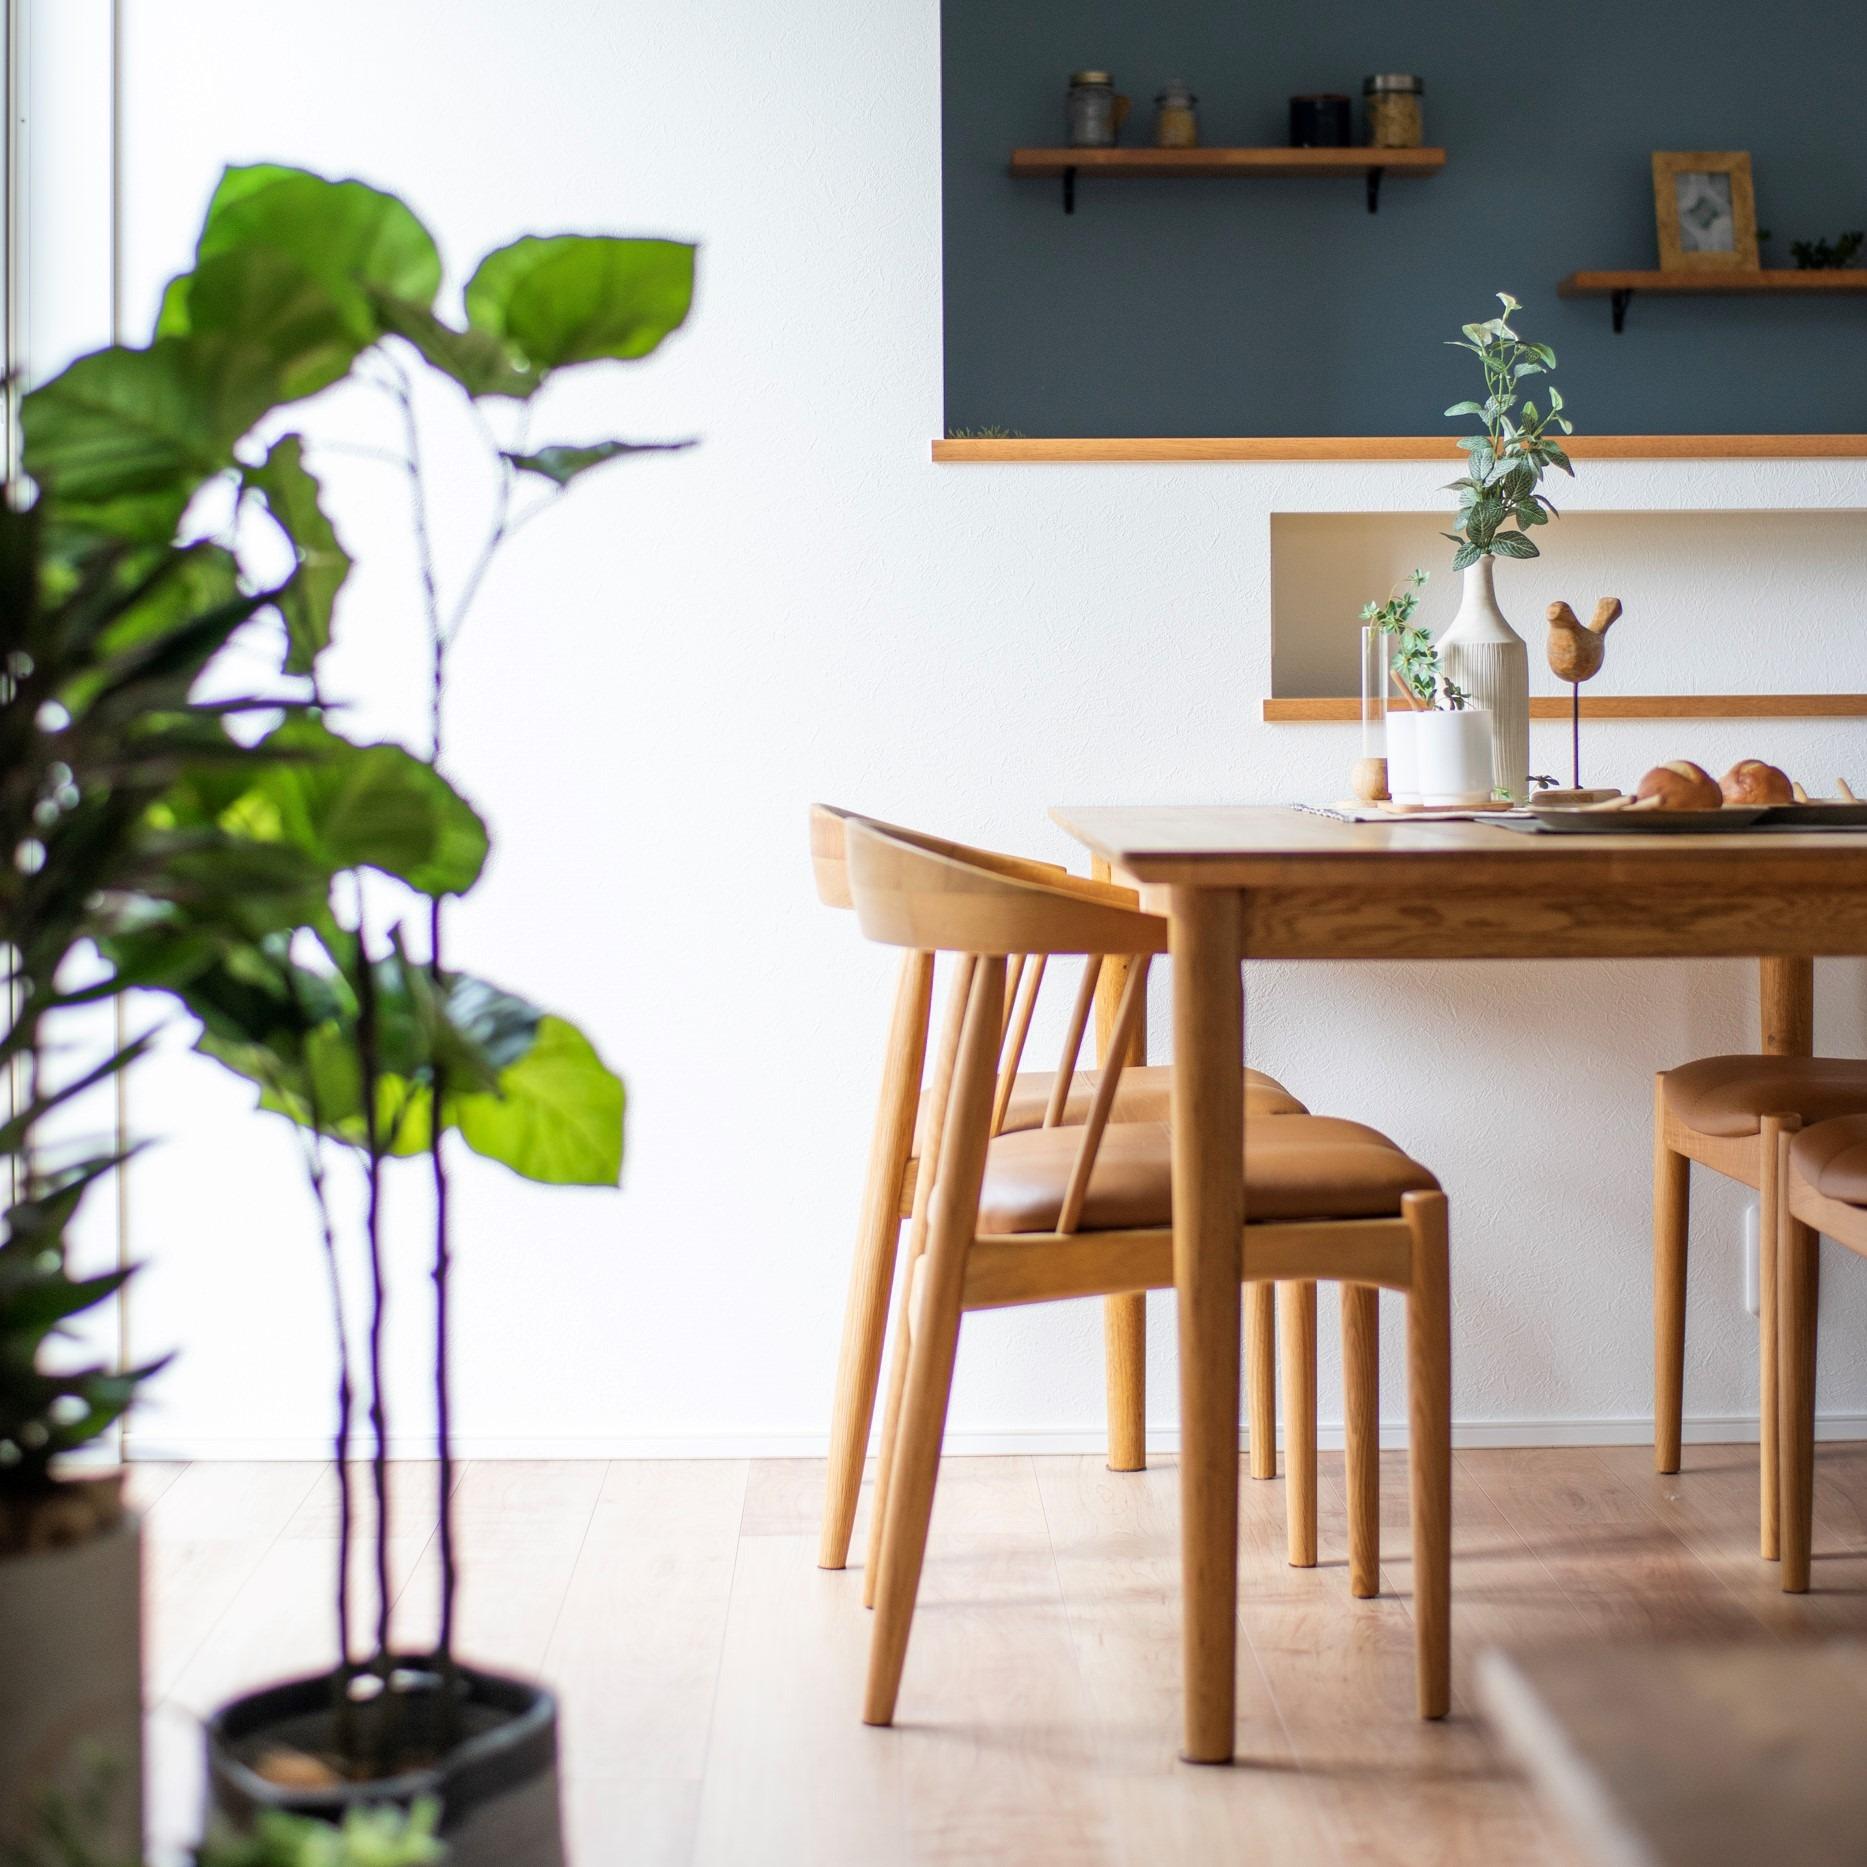 かわいい北欧カフェ風の家